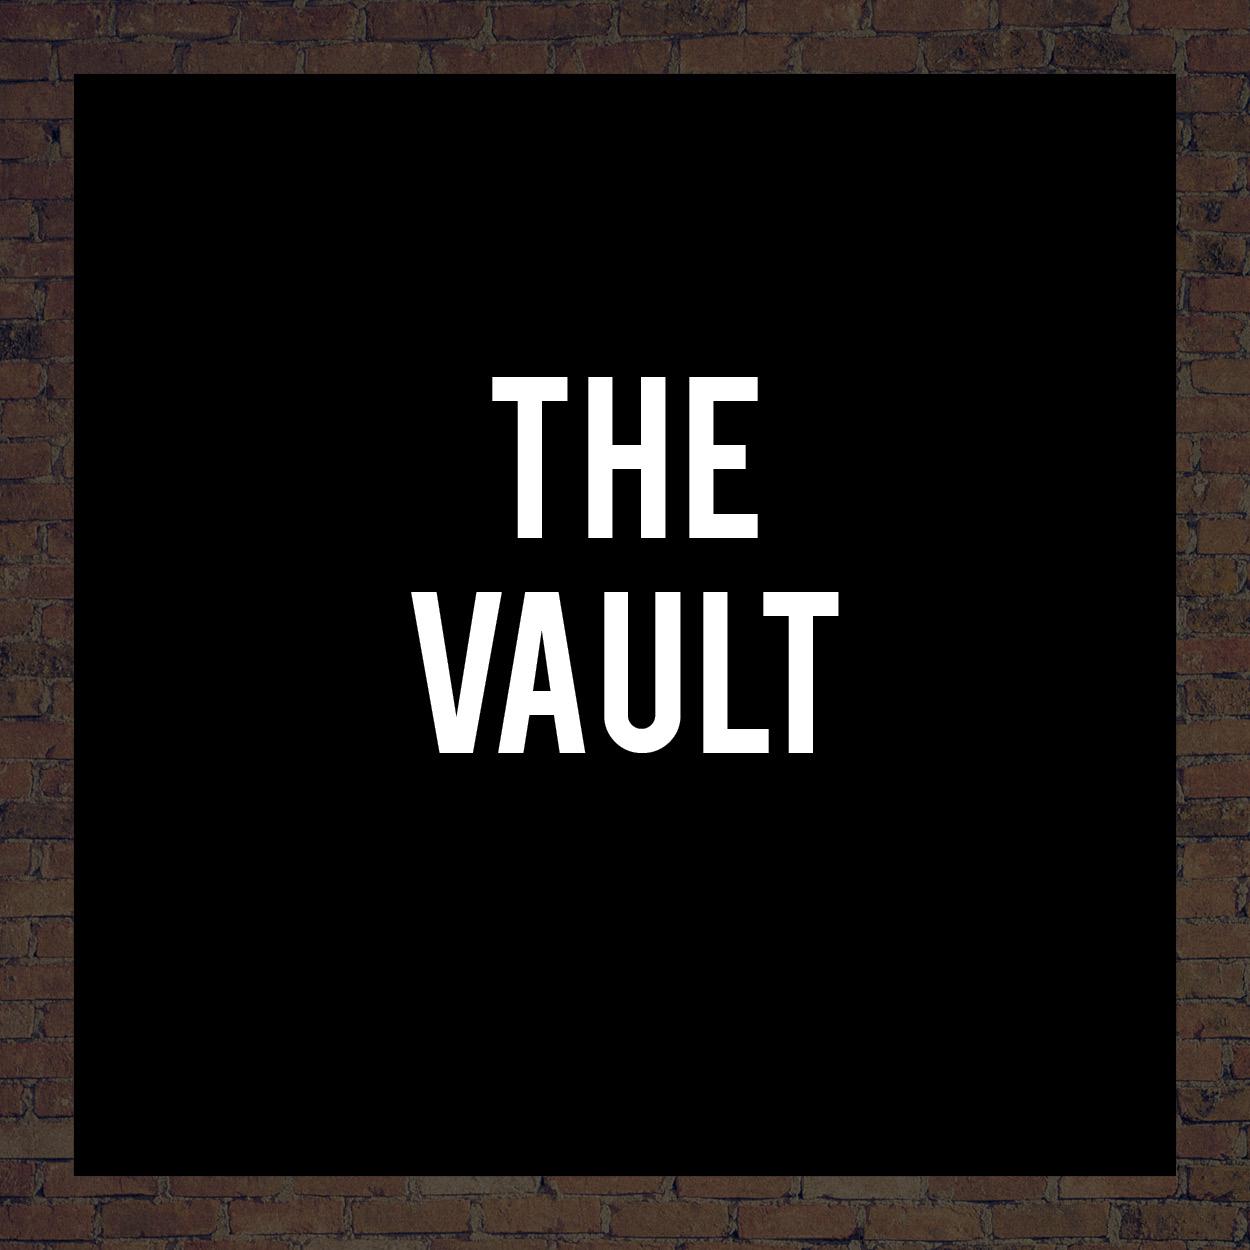 Thd vault text